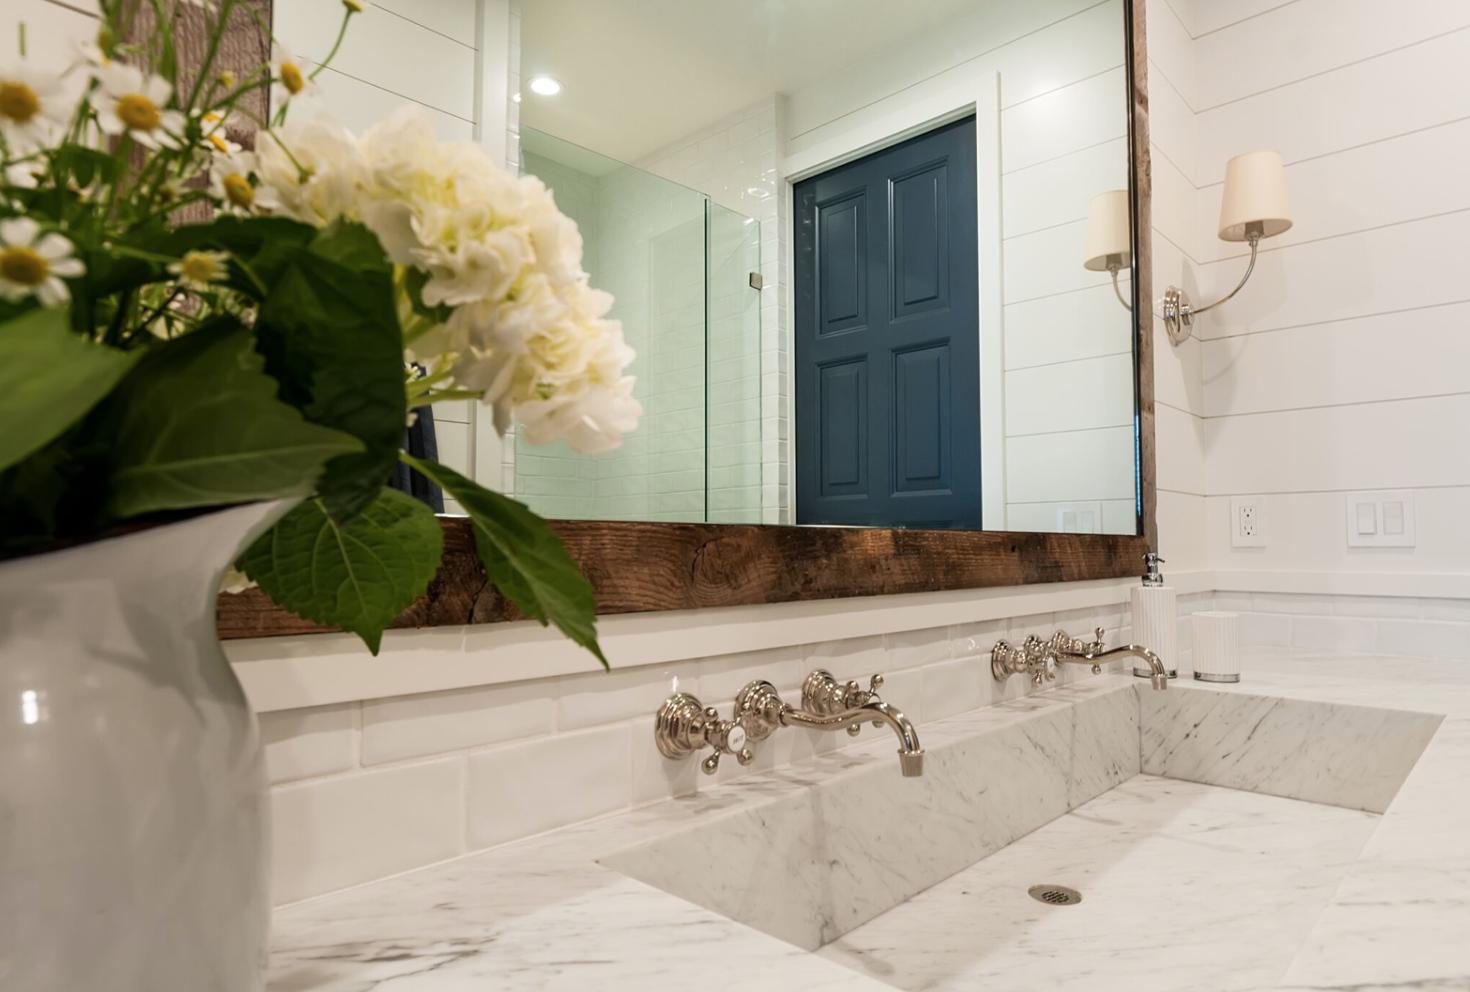 Get The Look: Coastal Farmhouse Bathroom